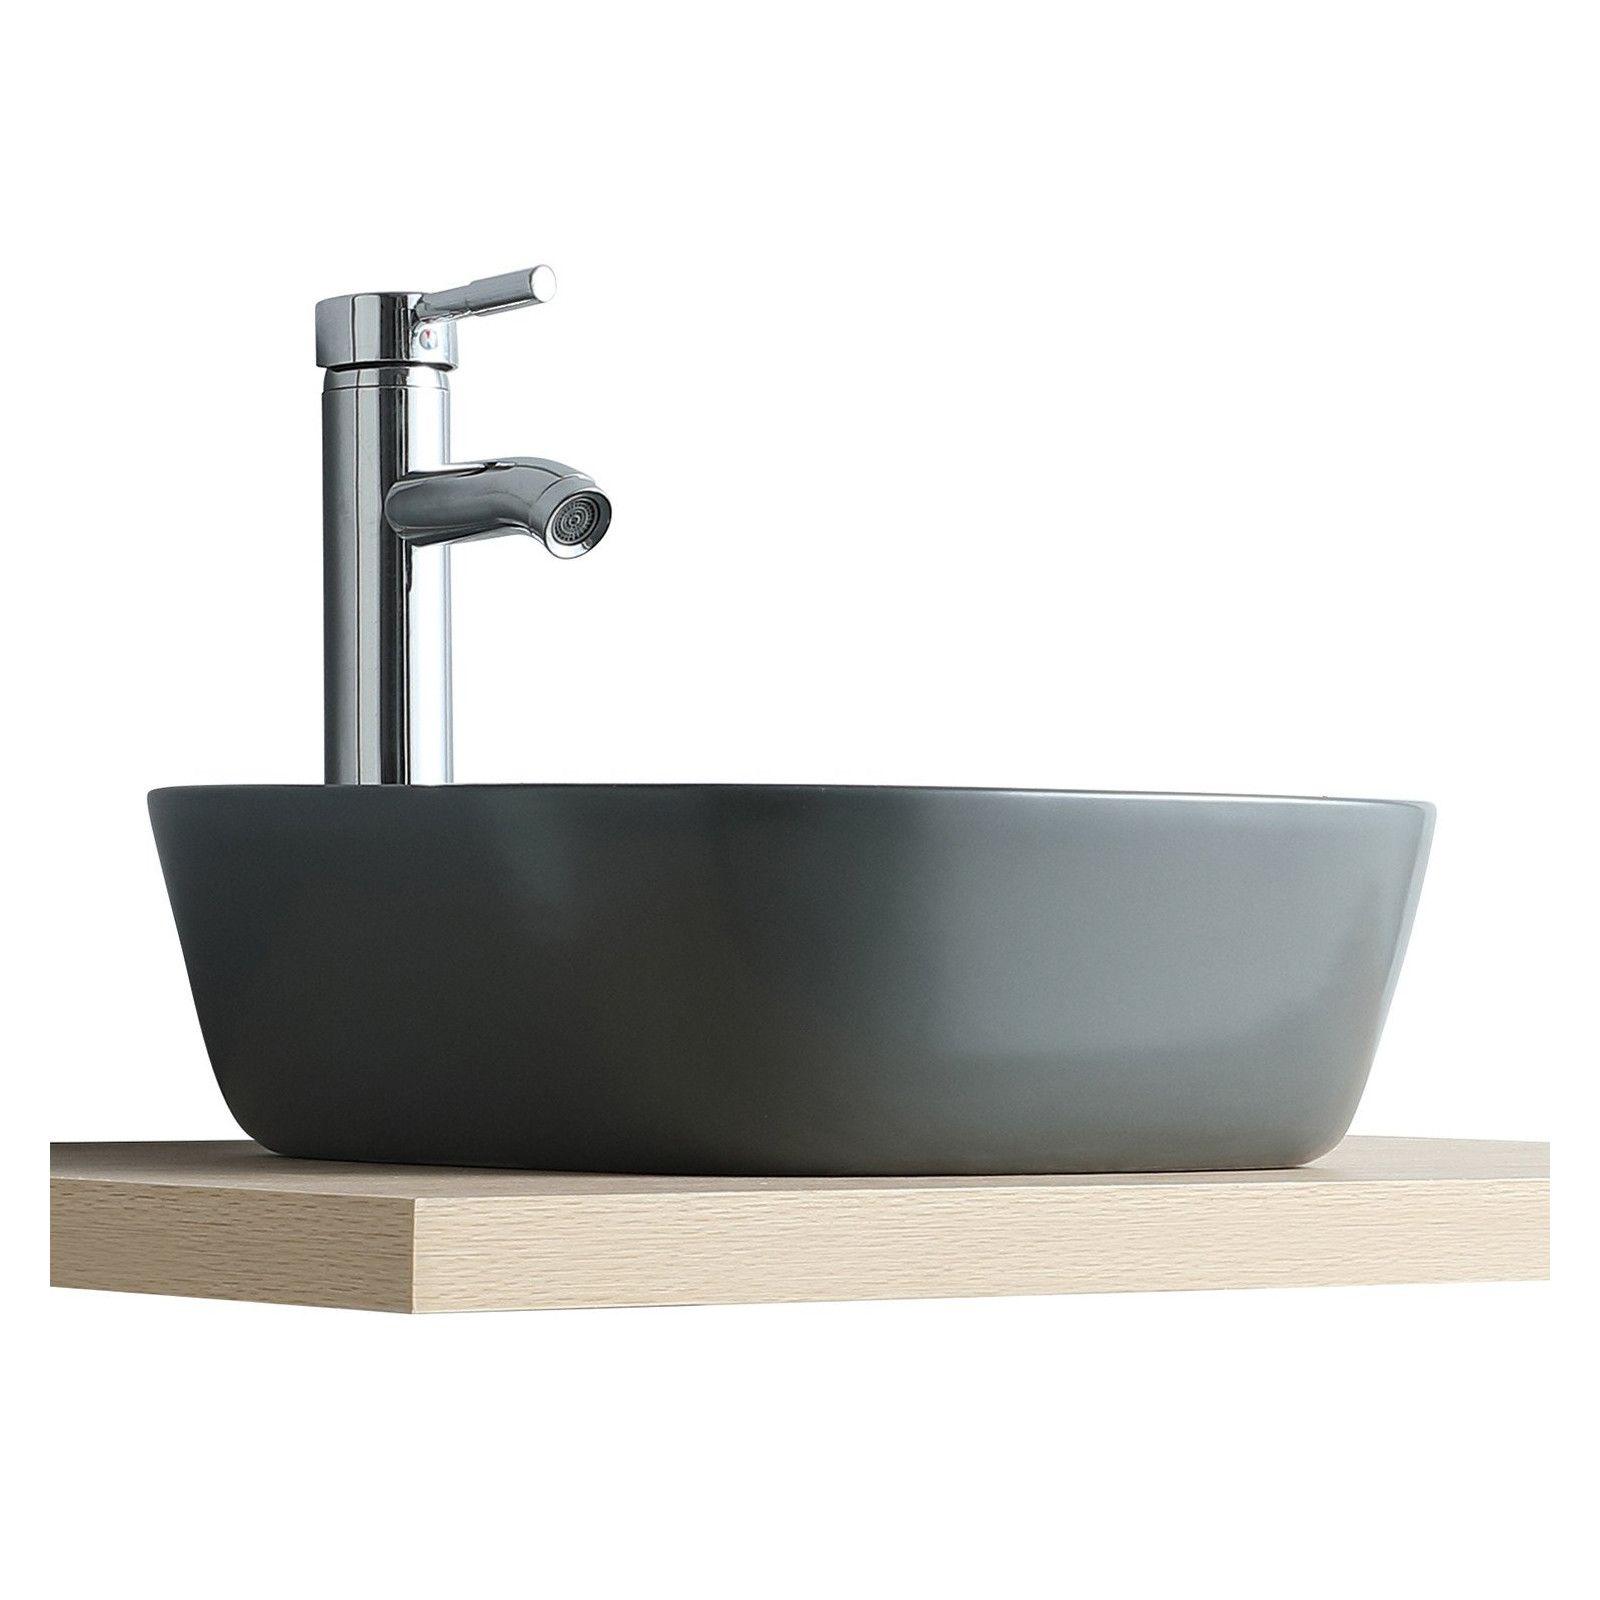 Vasque Salle de Bain à poser carrée 37 cm Gris Anthracite - MIA